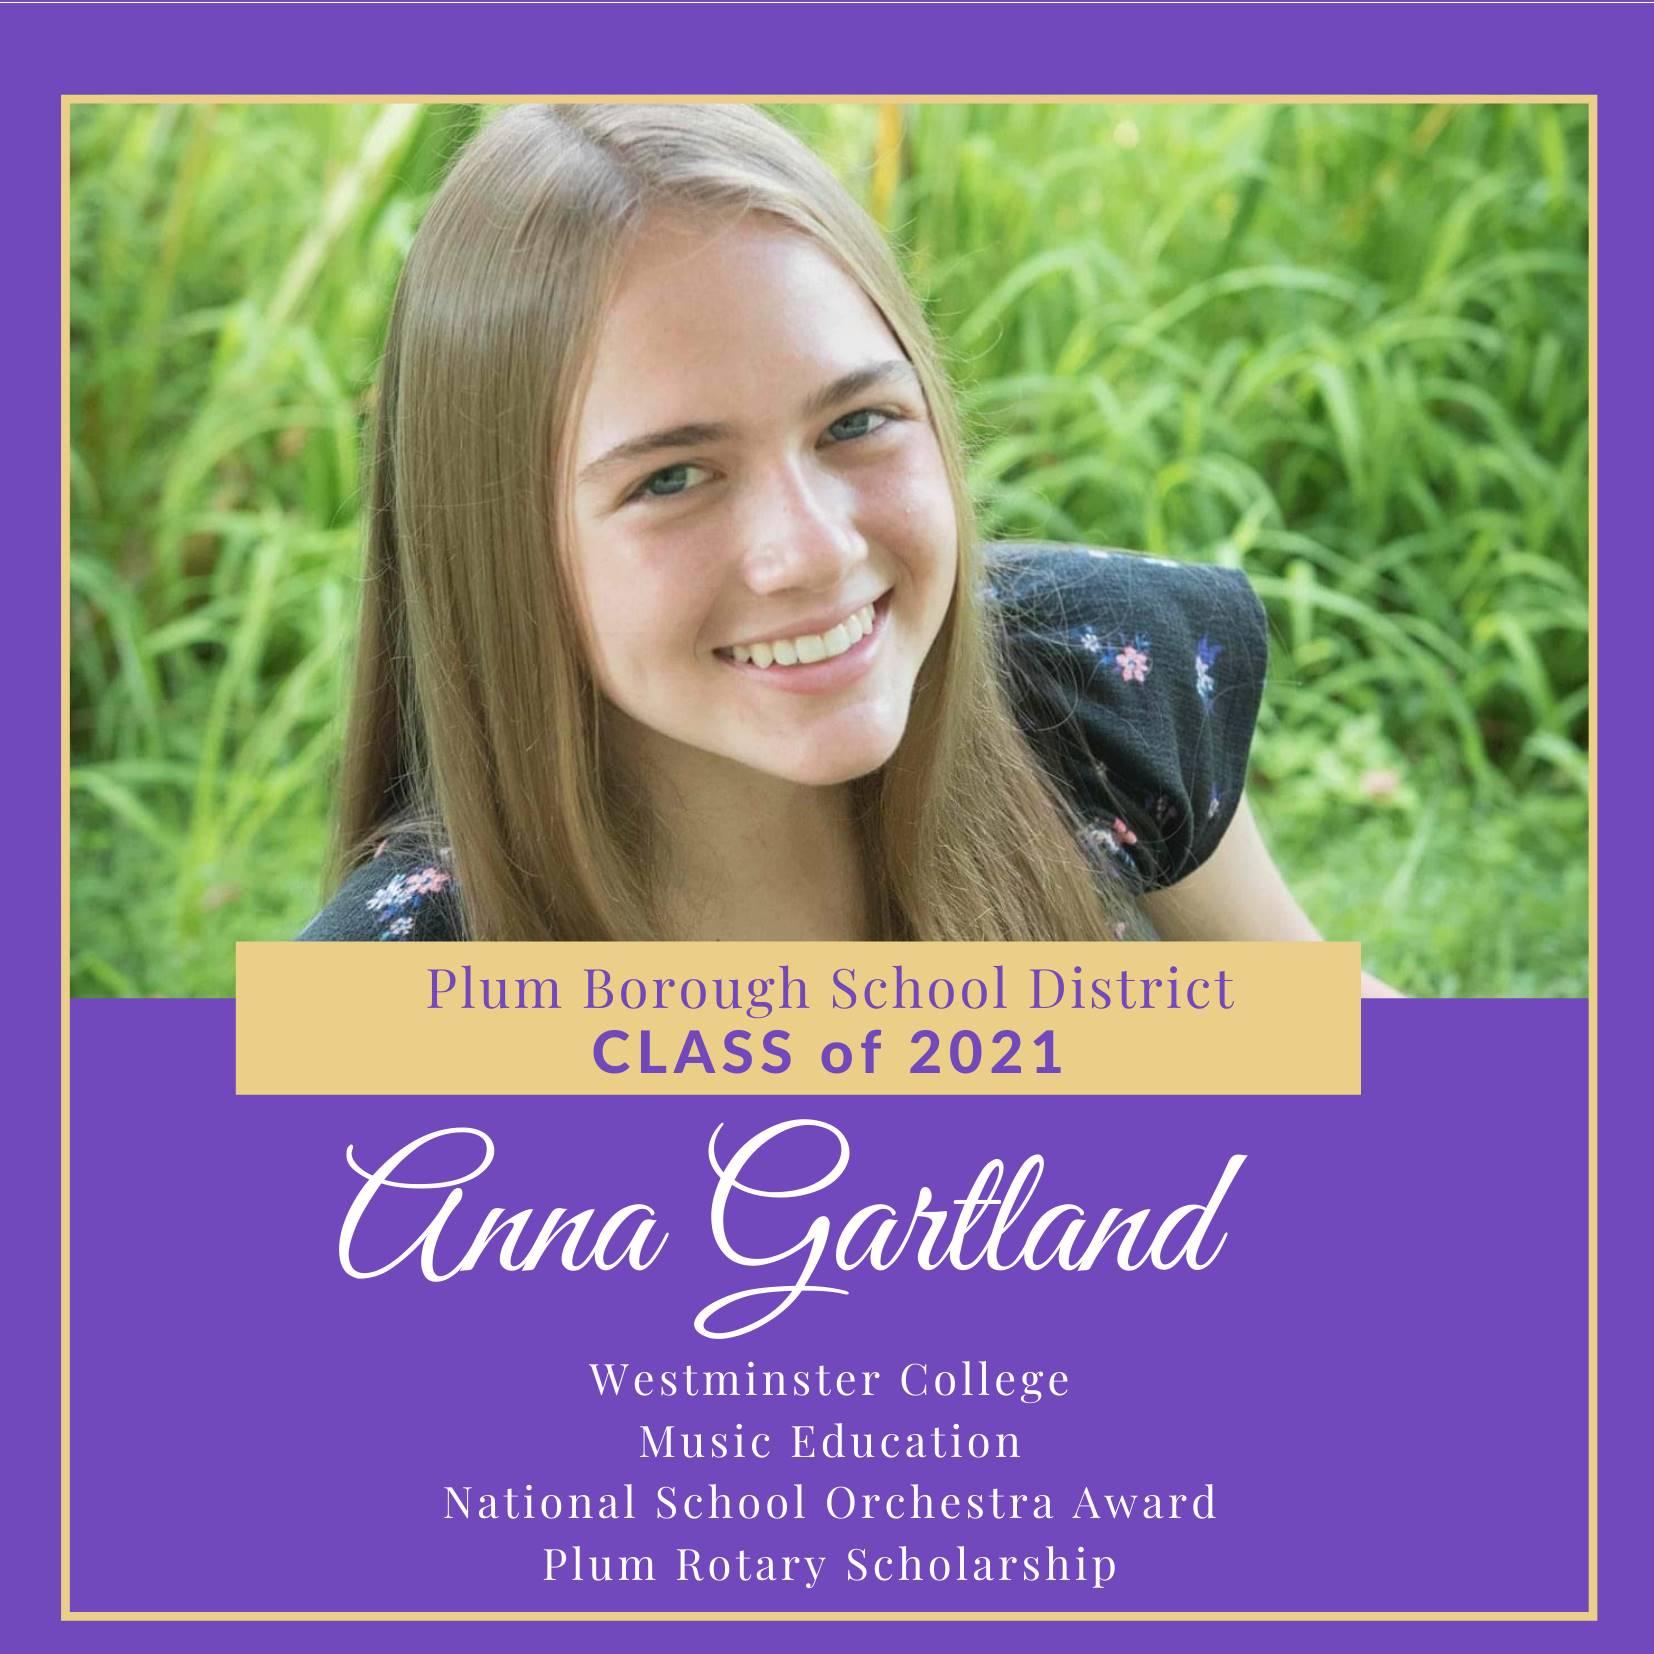 Congratulations to Anna Gartland, Class of 2021!